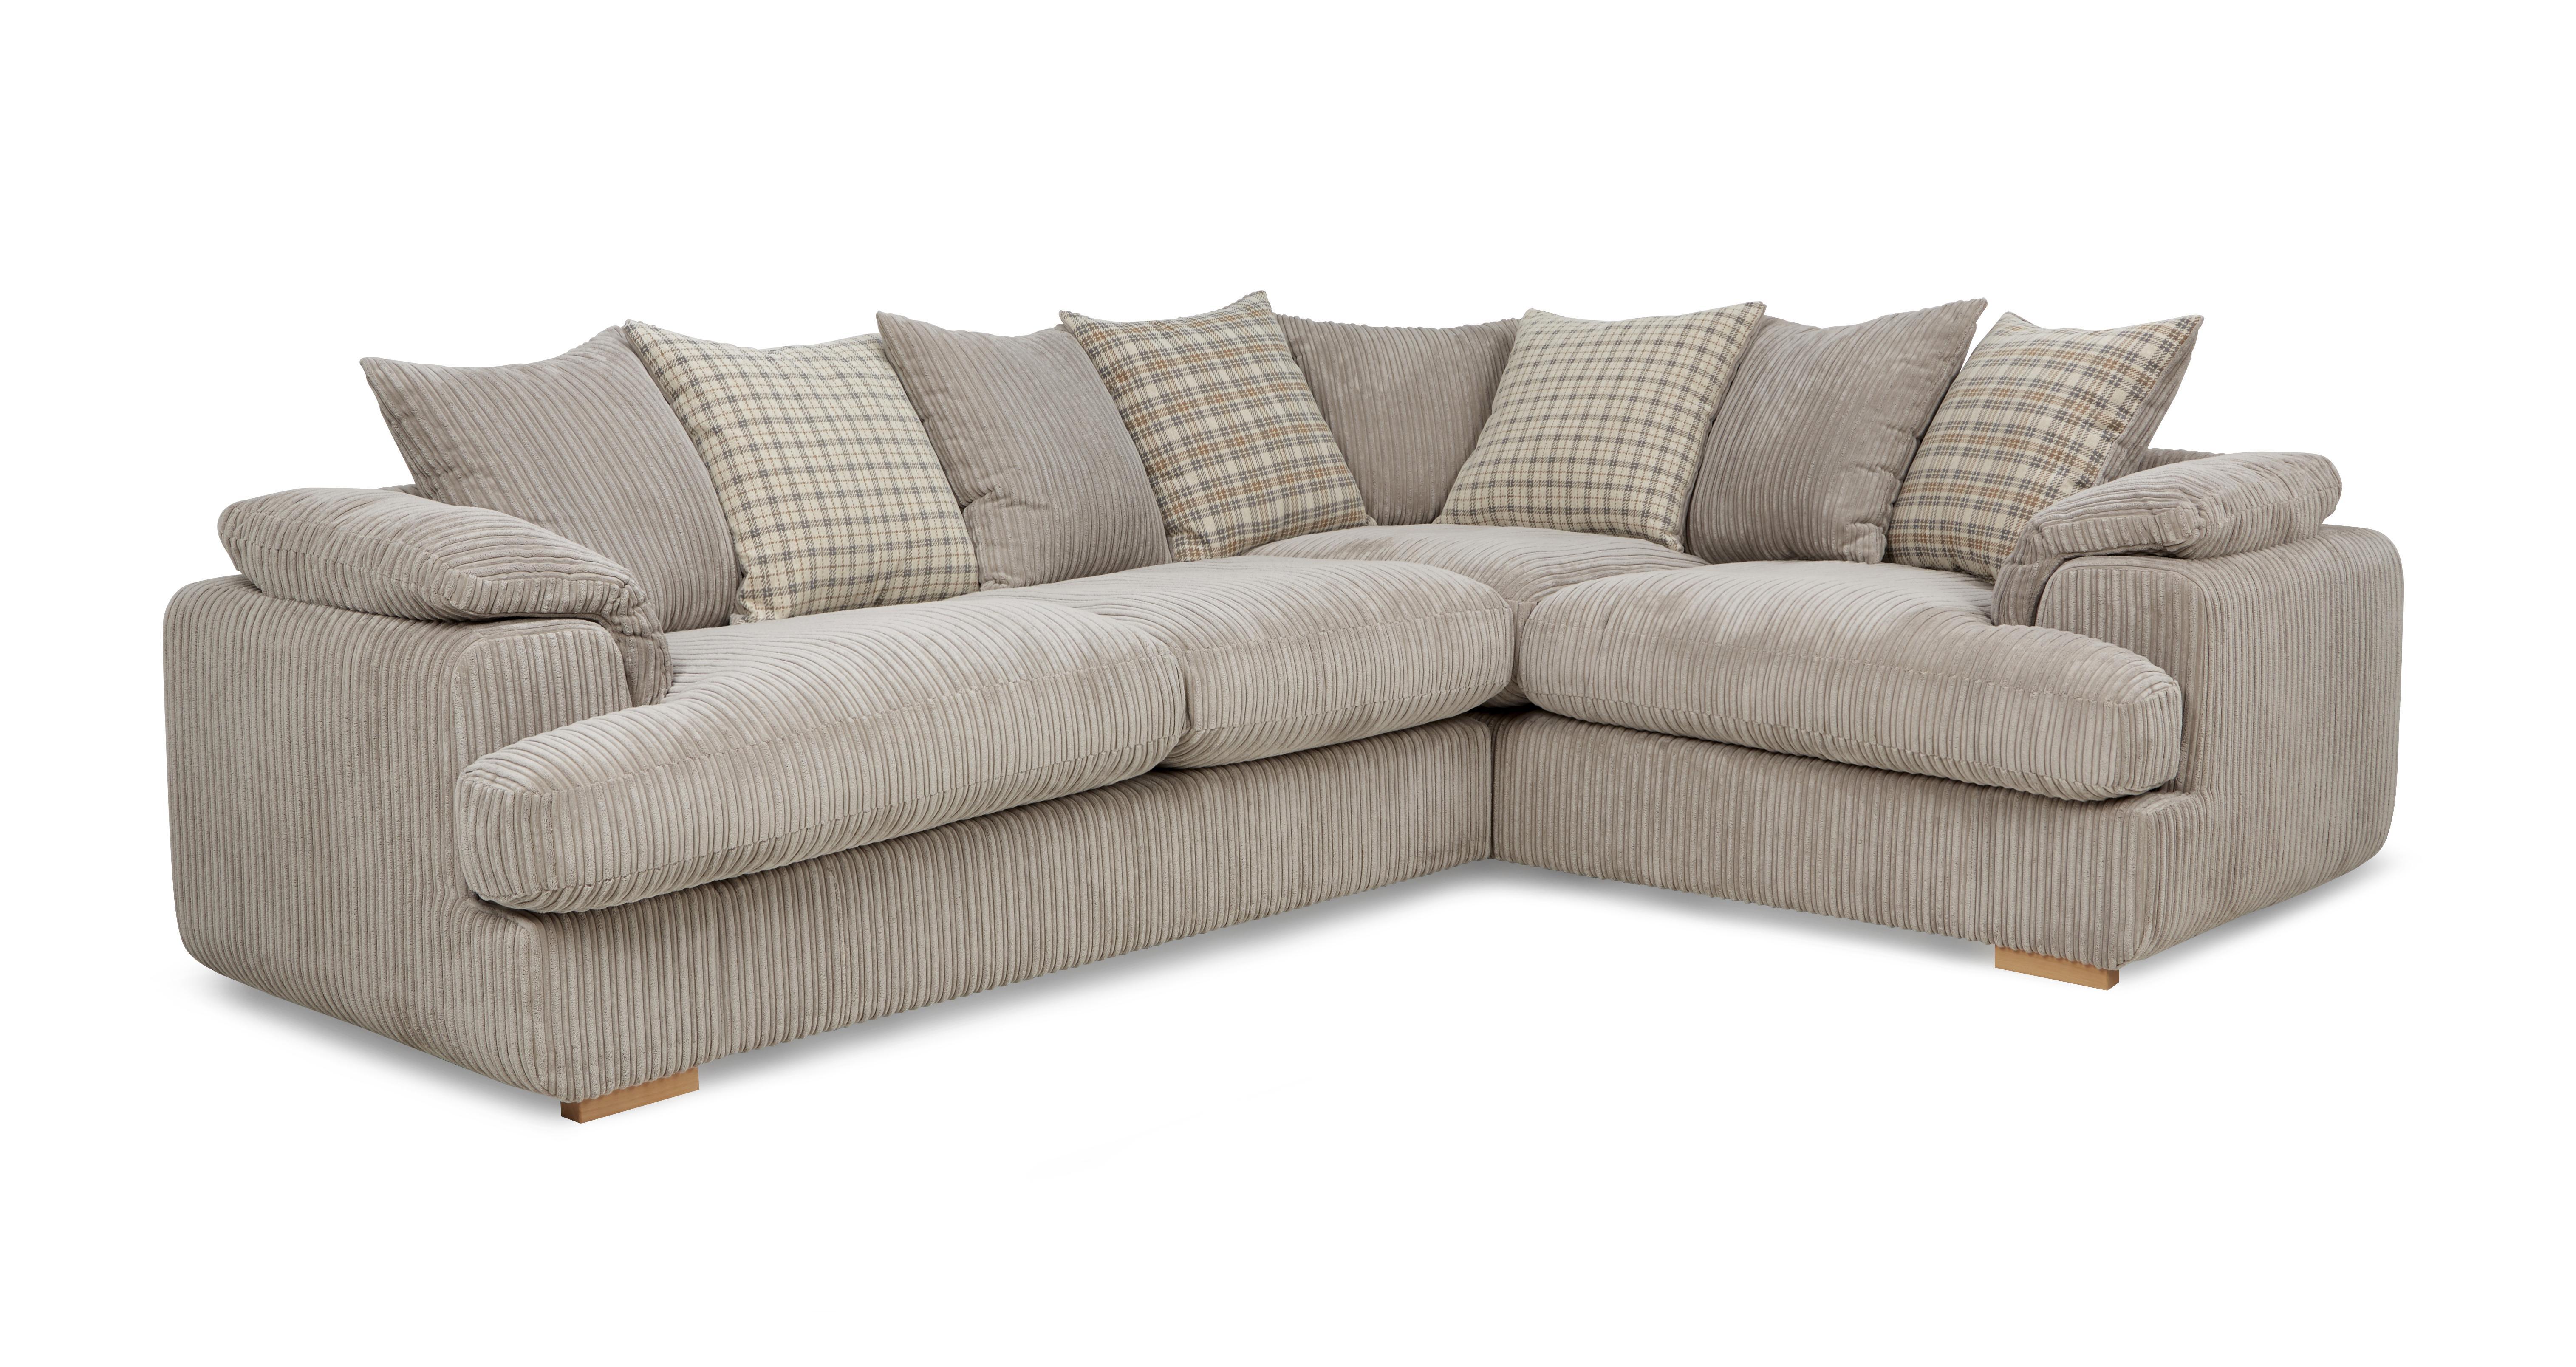 celine left arm facing 2 seater pillow back corner sofa celine alternative dfs. Black Bedroom Furniture Sets. Home Design Ideas